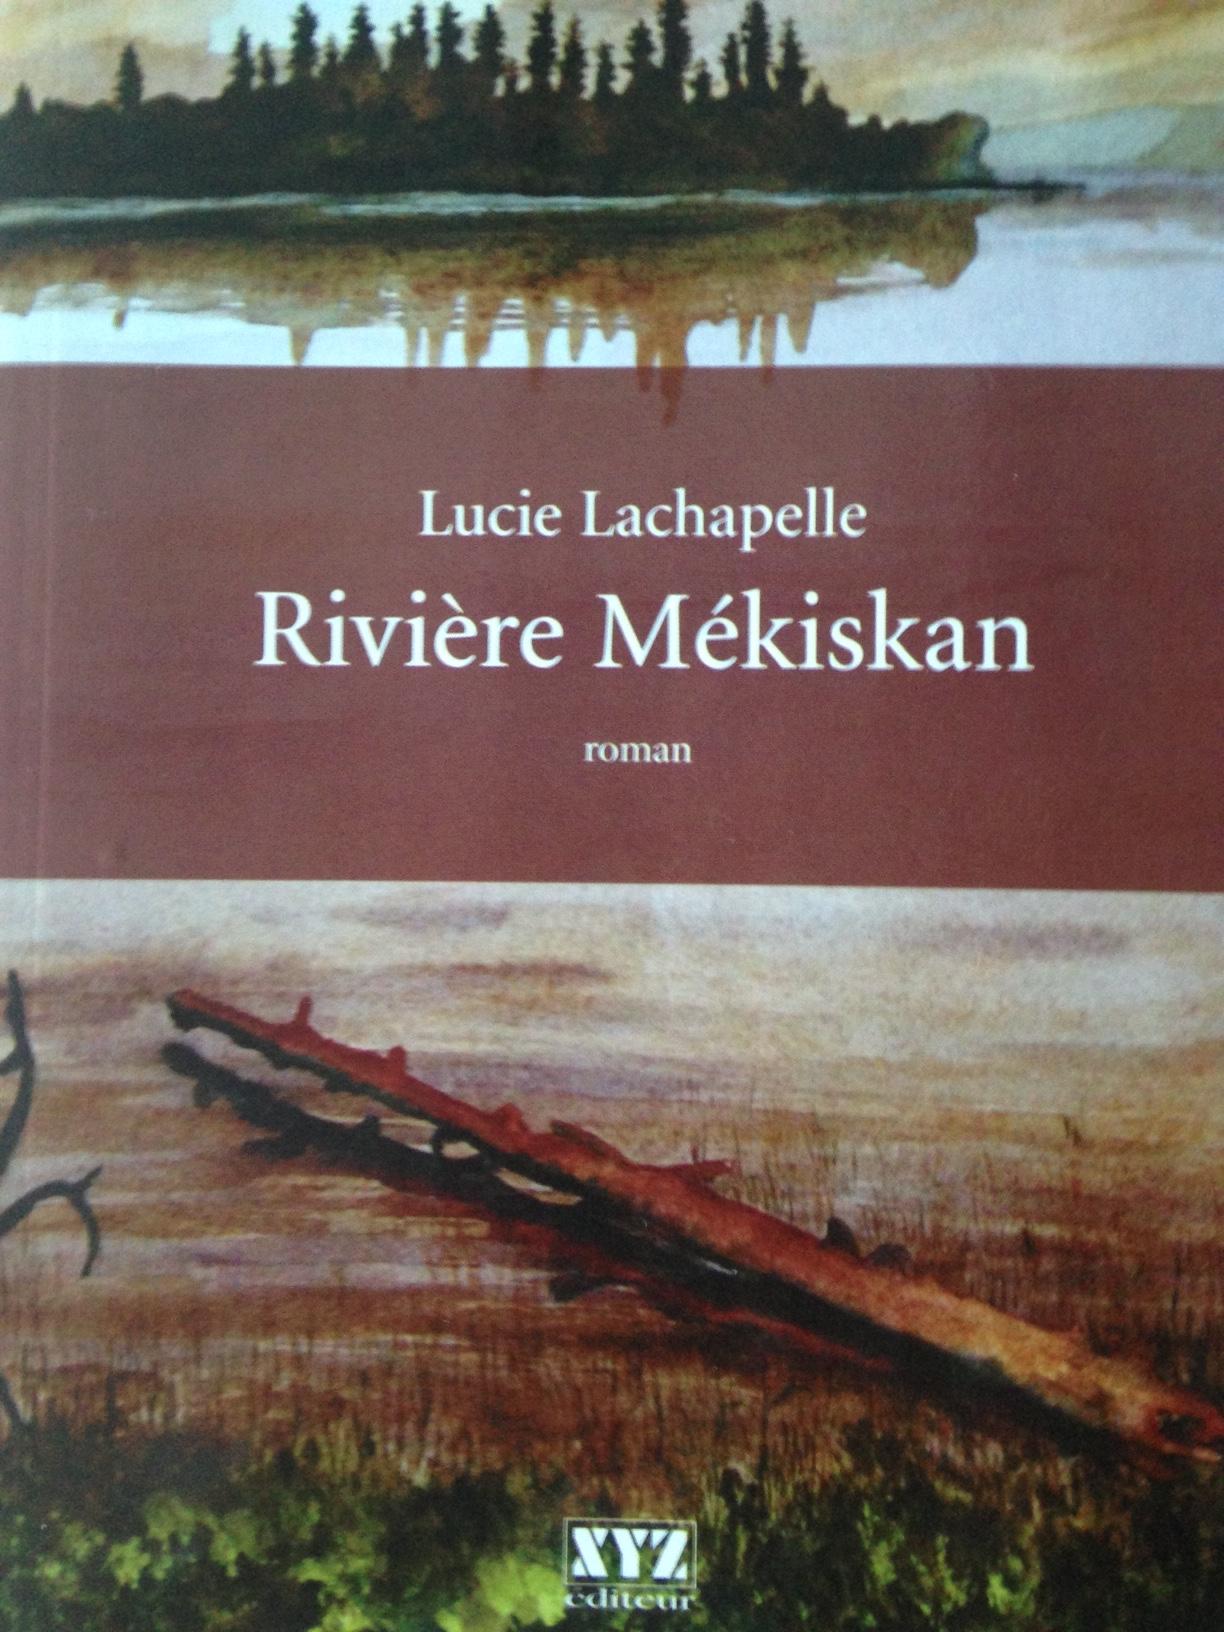 Roman de Lucie Lachapelle